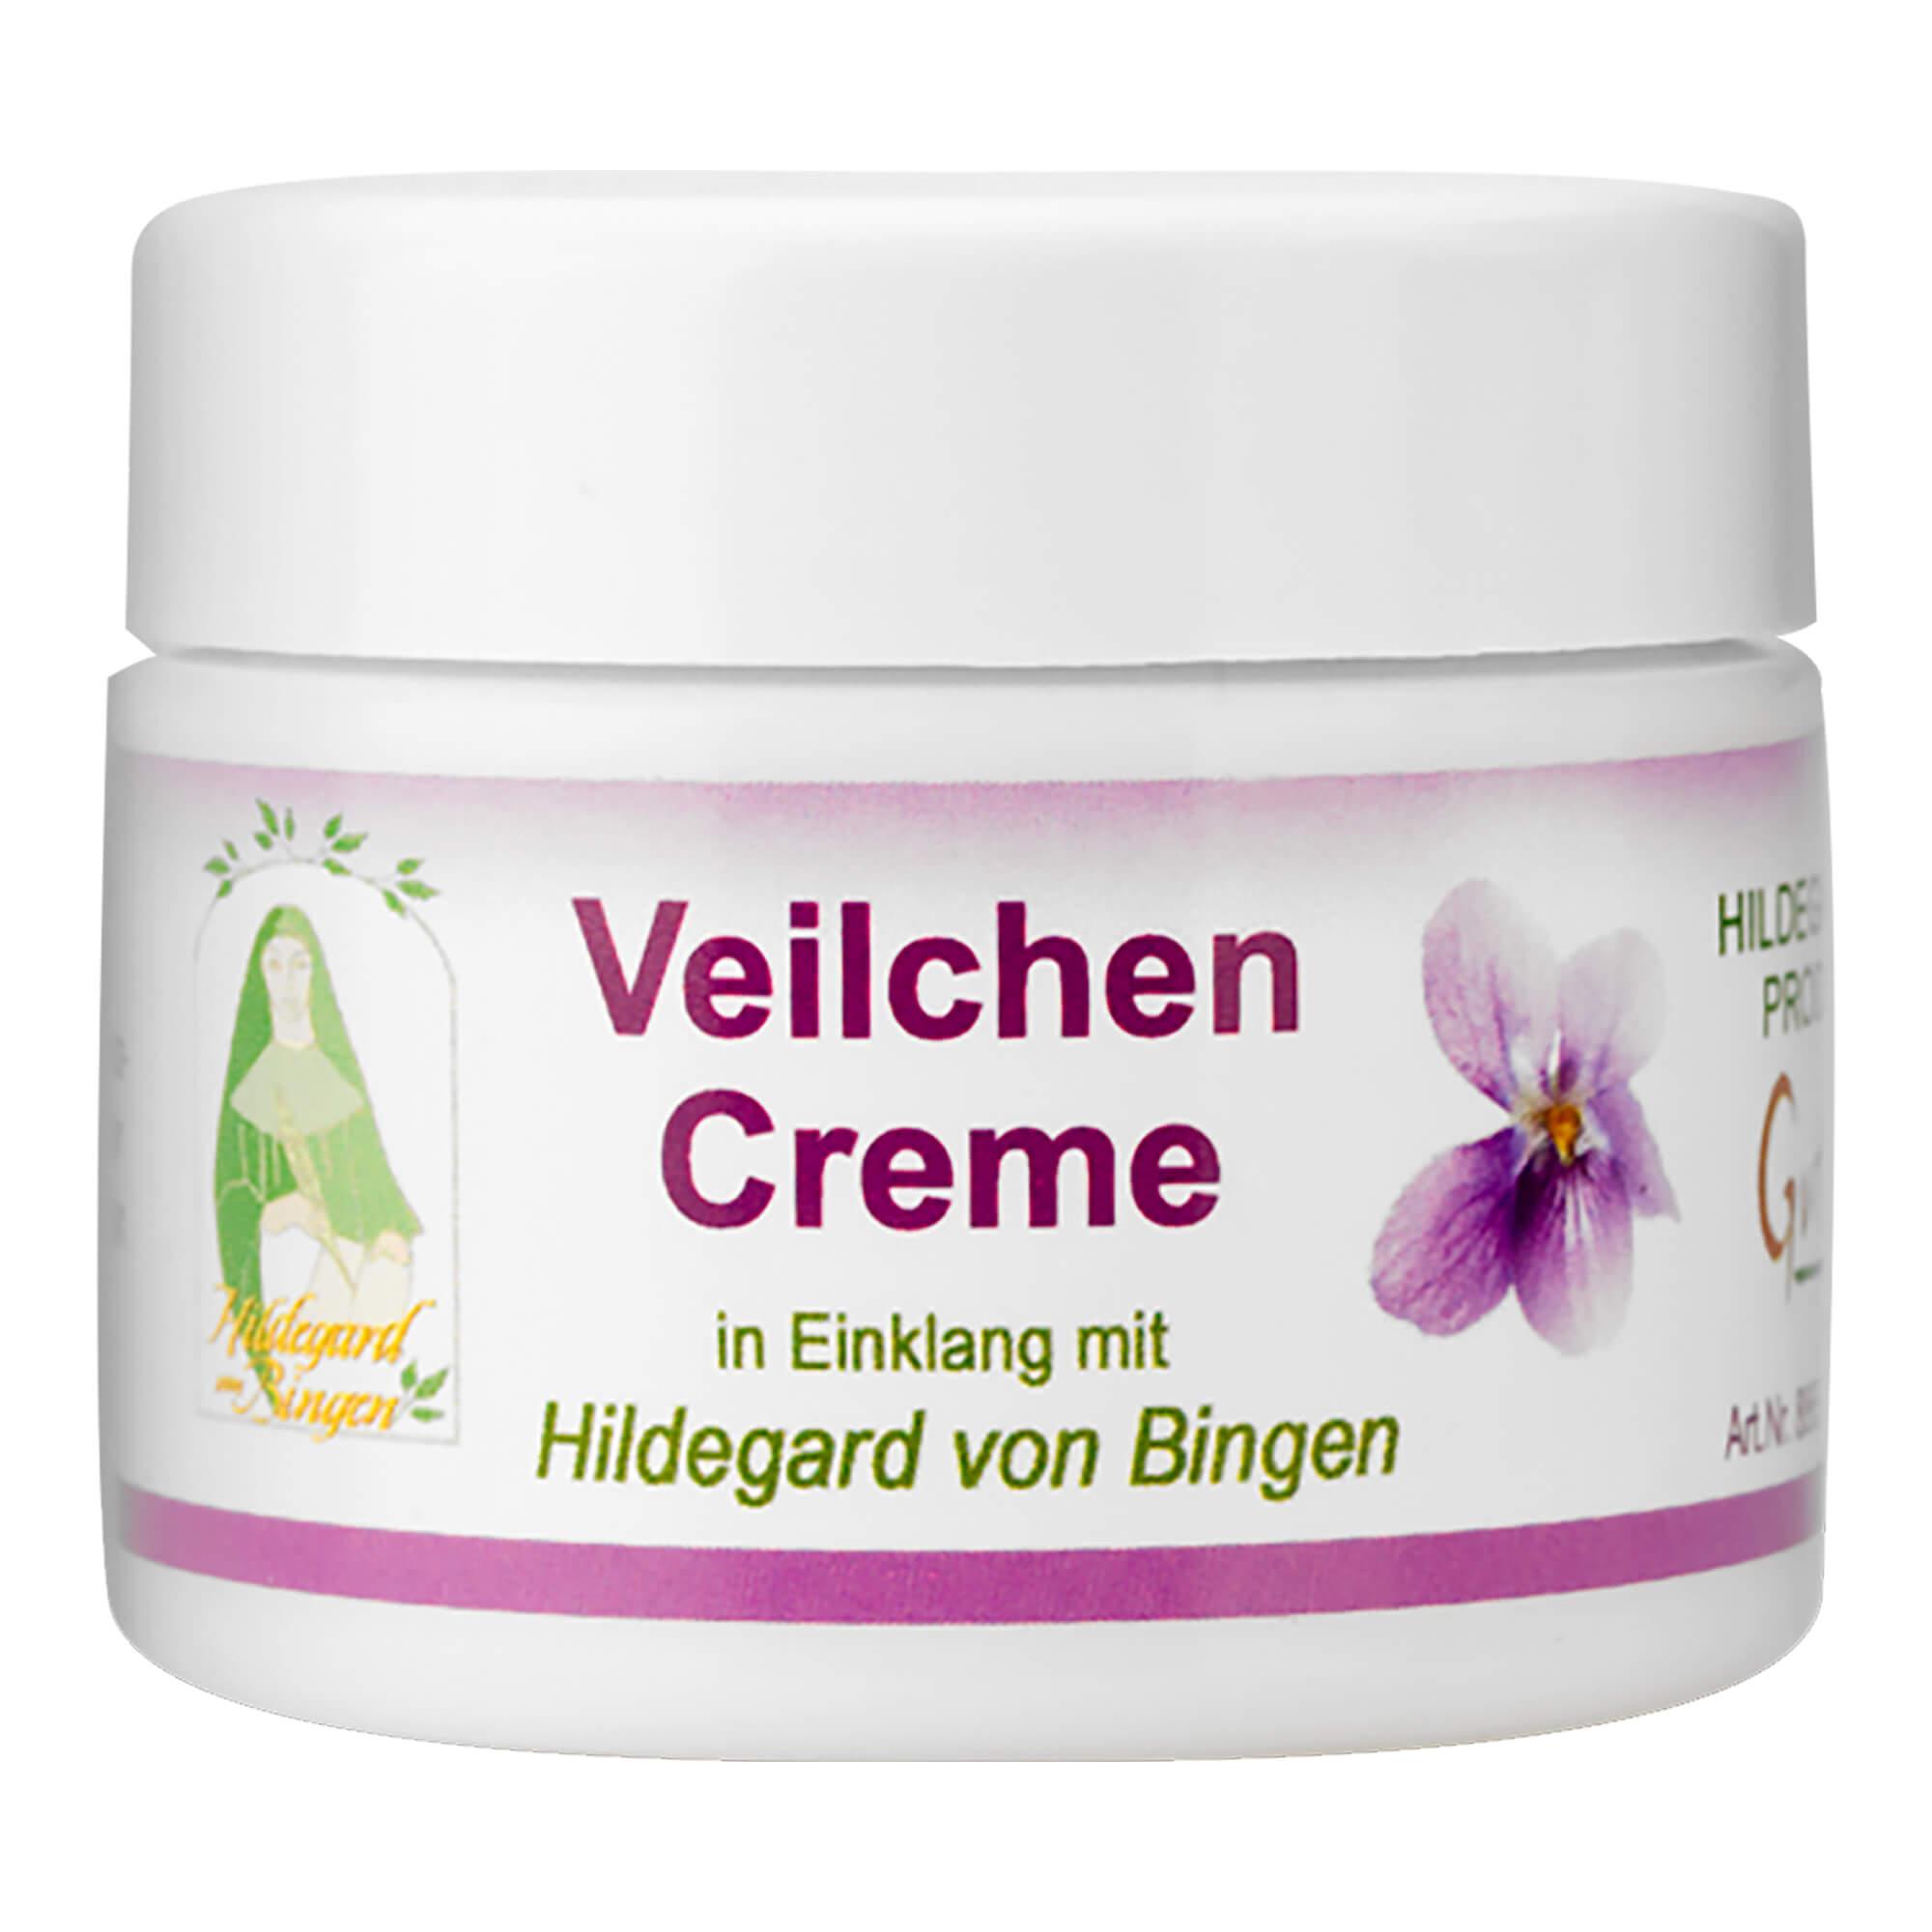 Veilchen Creme